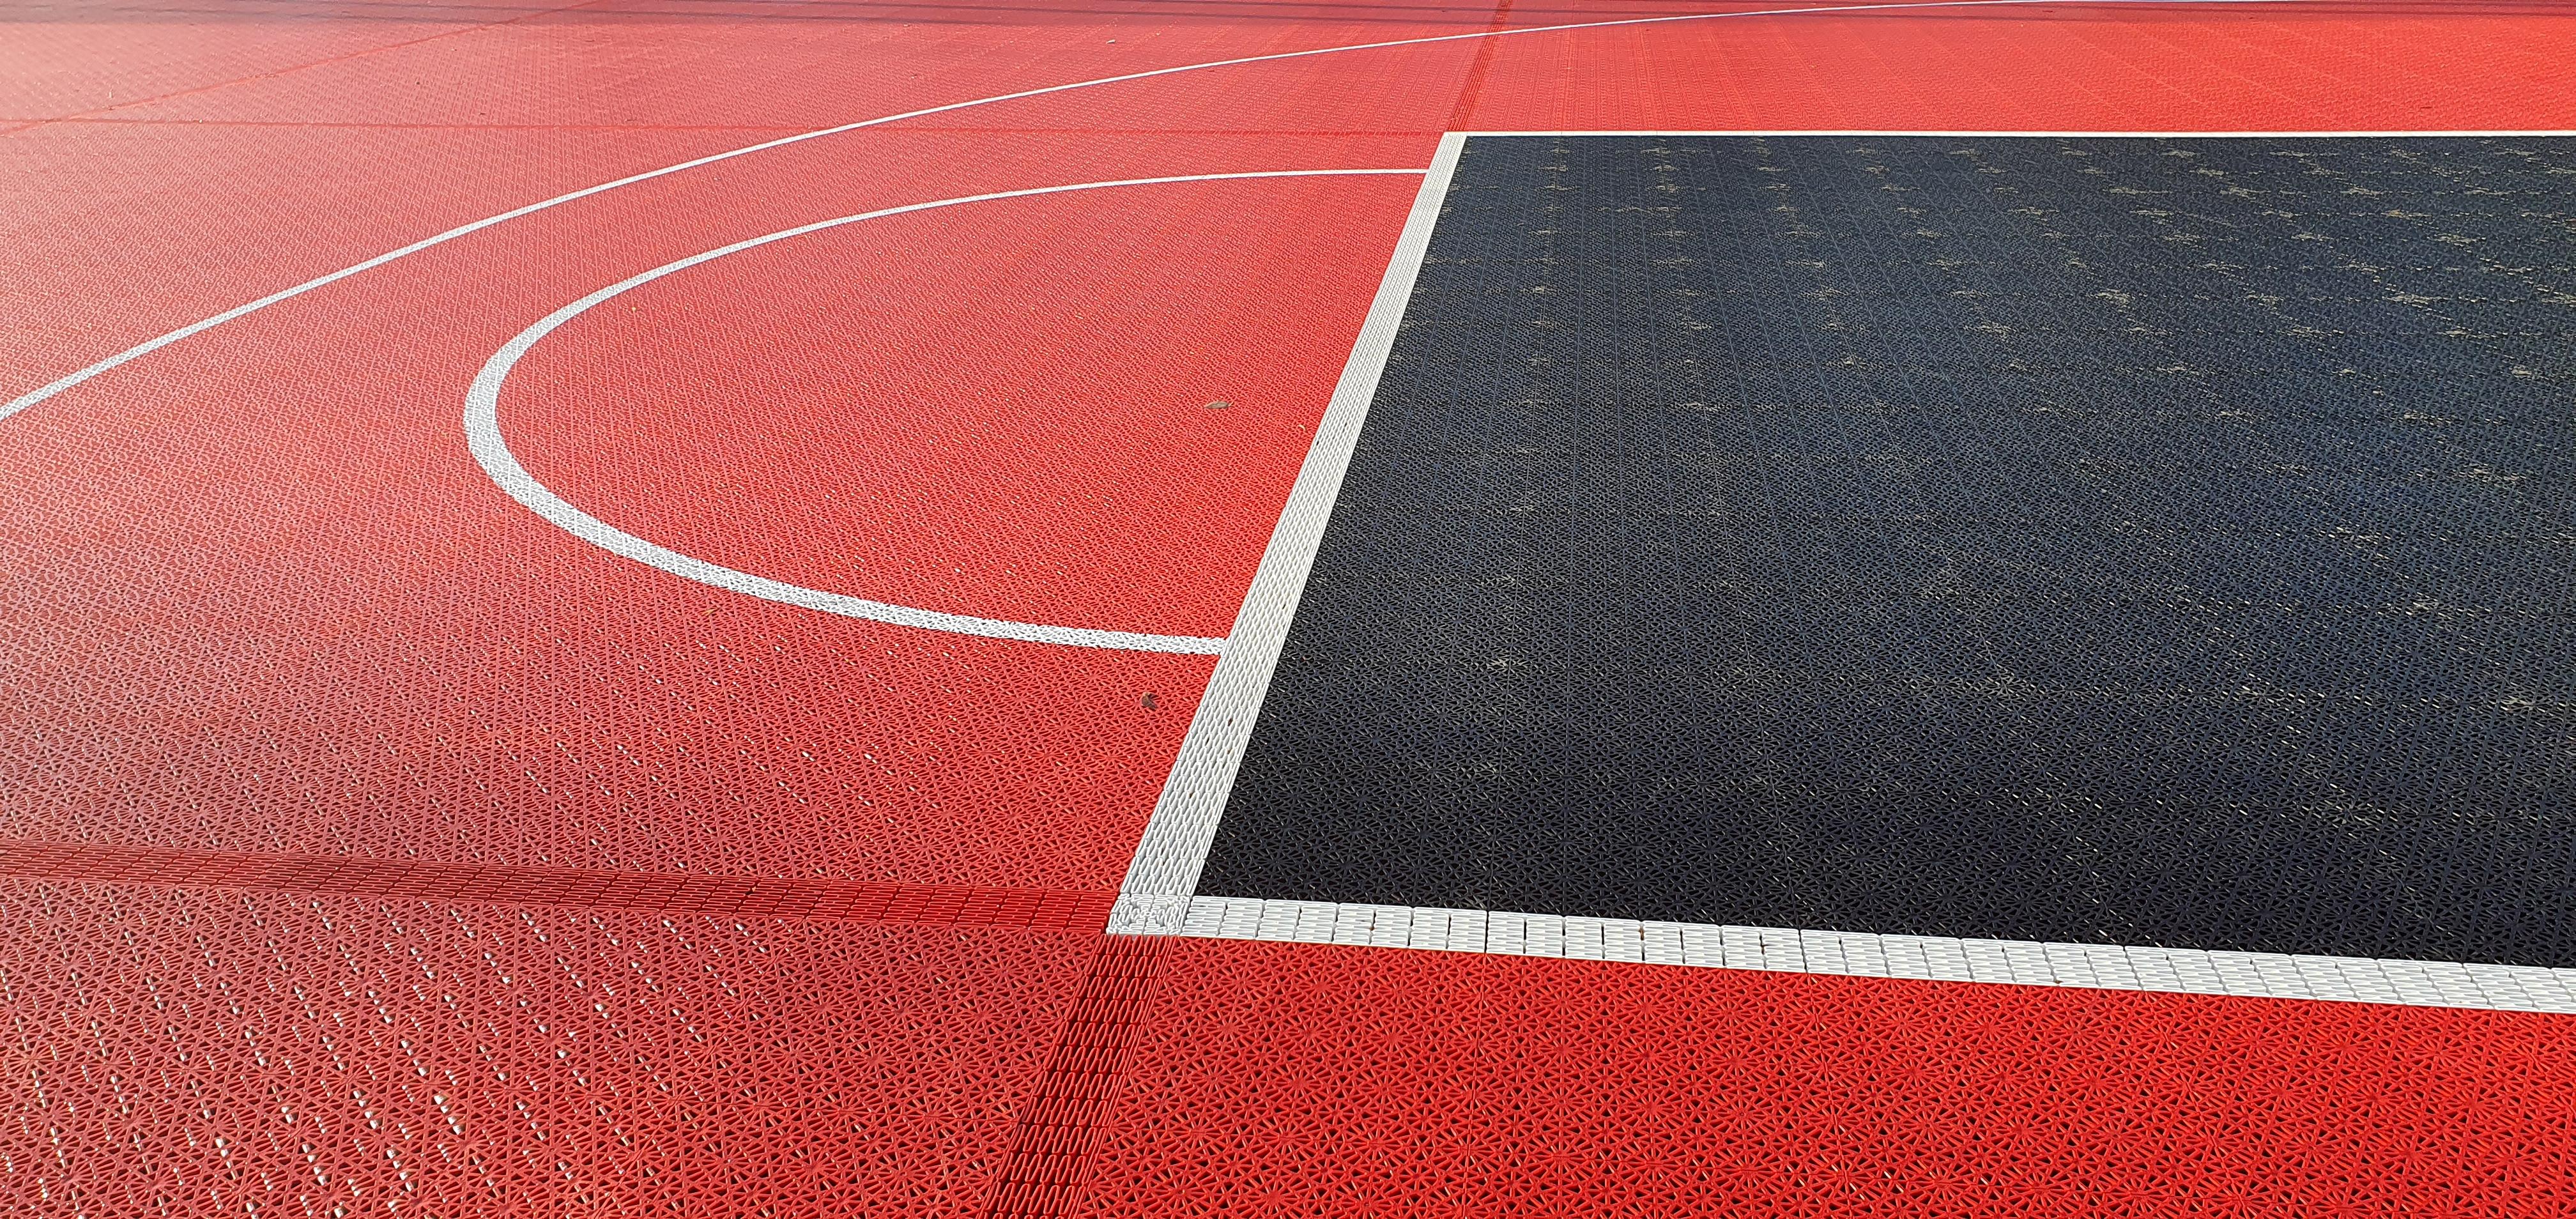 Bergo Multisport-Jyväskylän koripallokenttä-Unisport